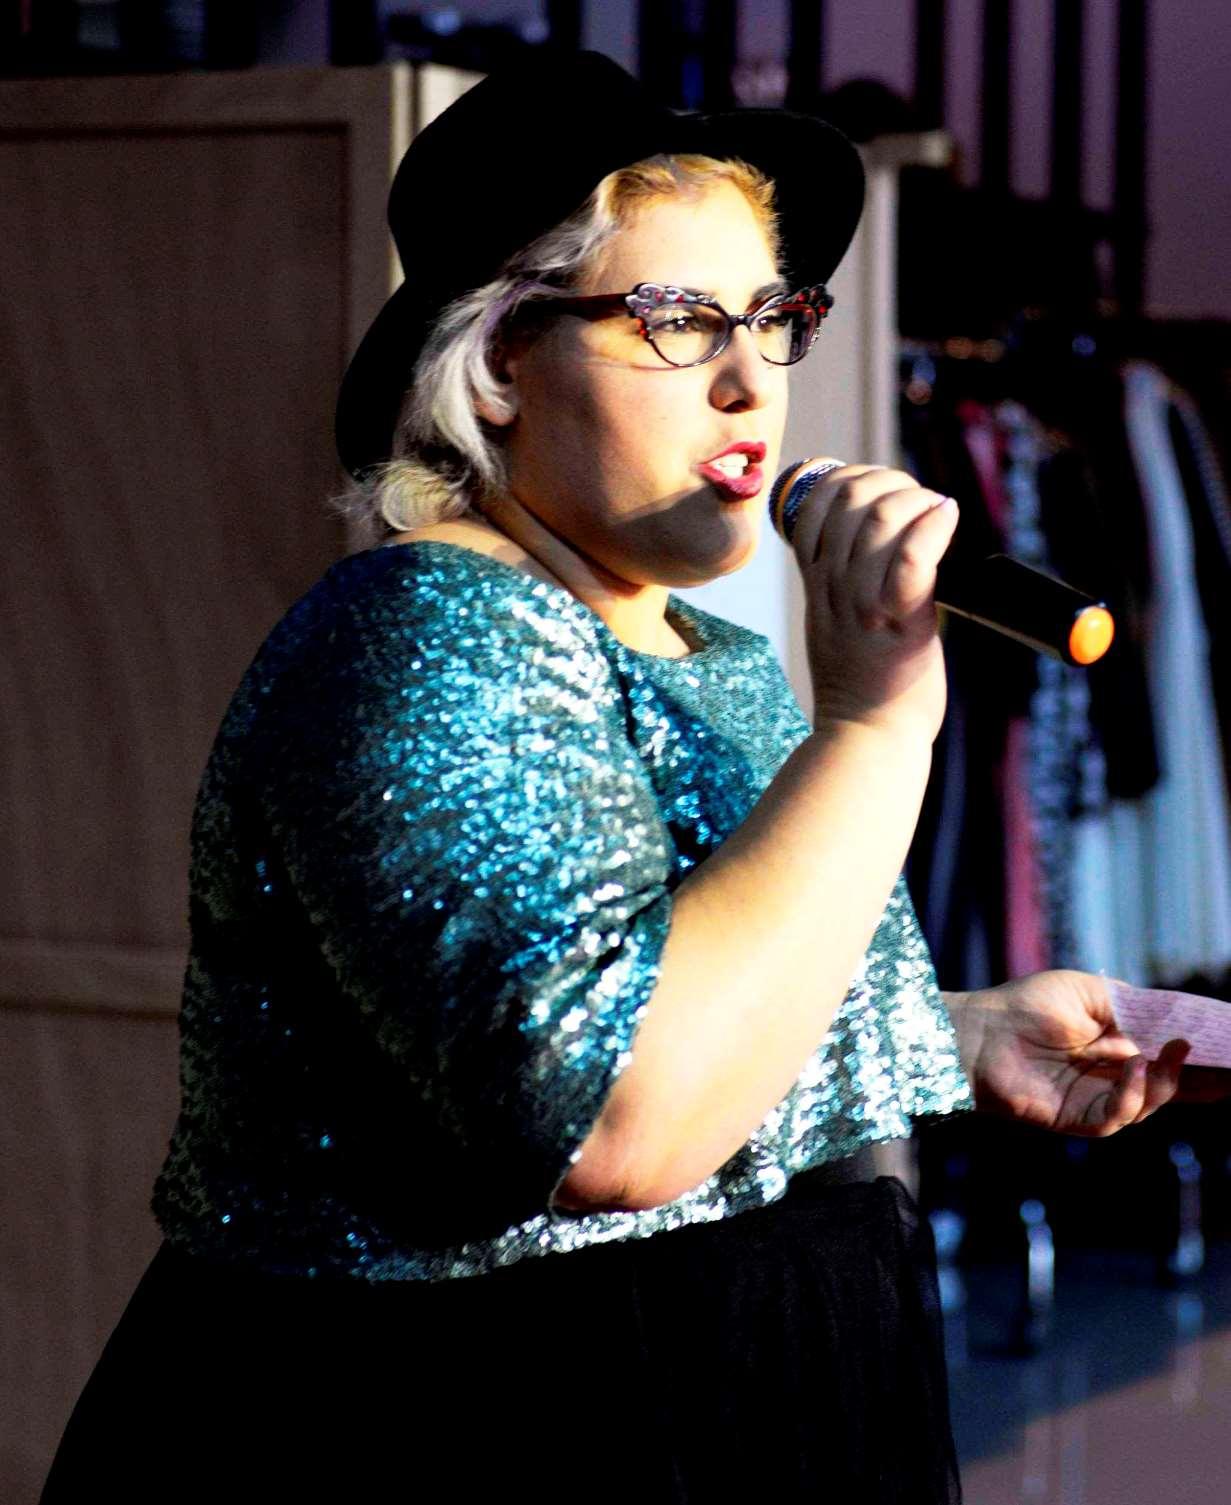 אופנה מידות גדולות גאלה רחמילביץ'. צילום שני צדיקריו